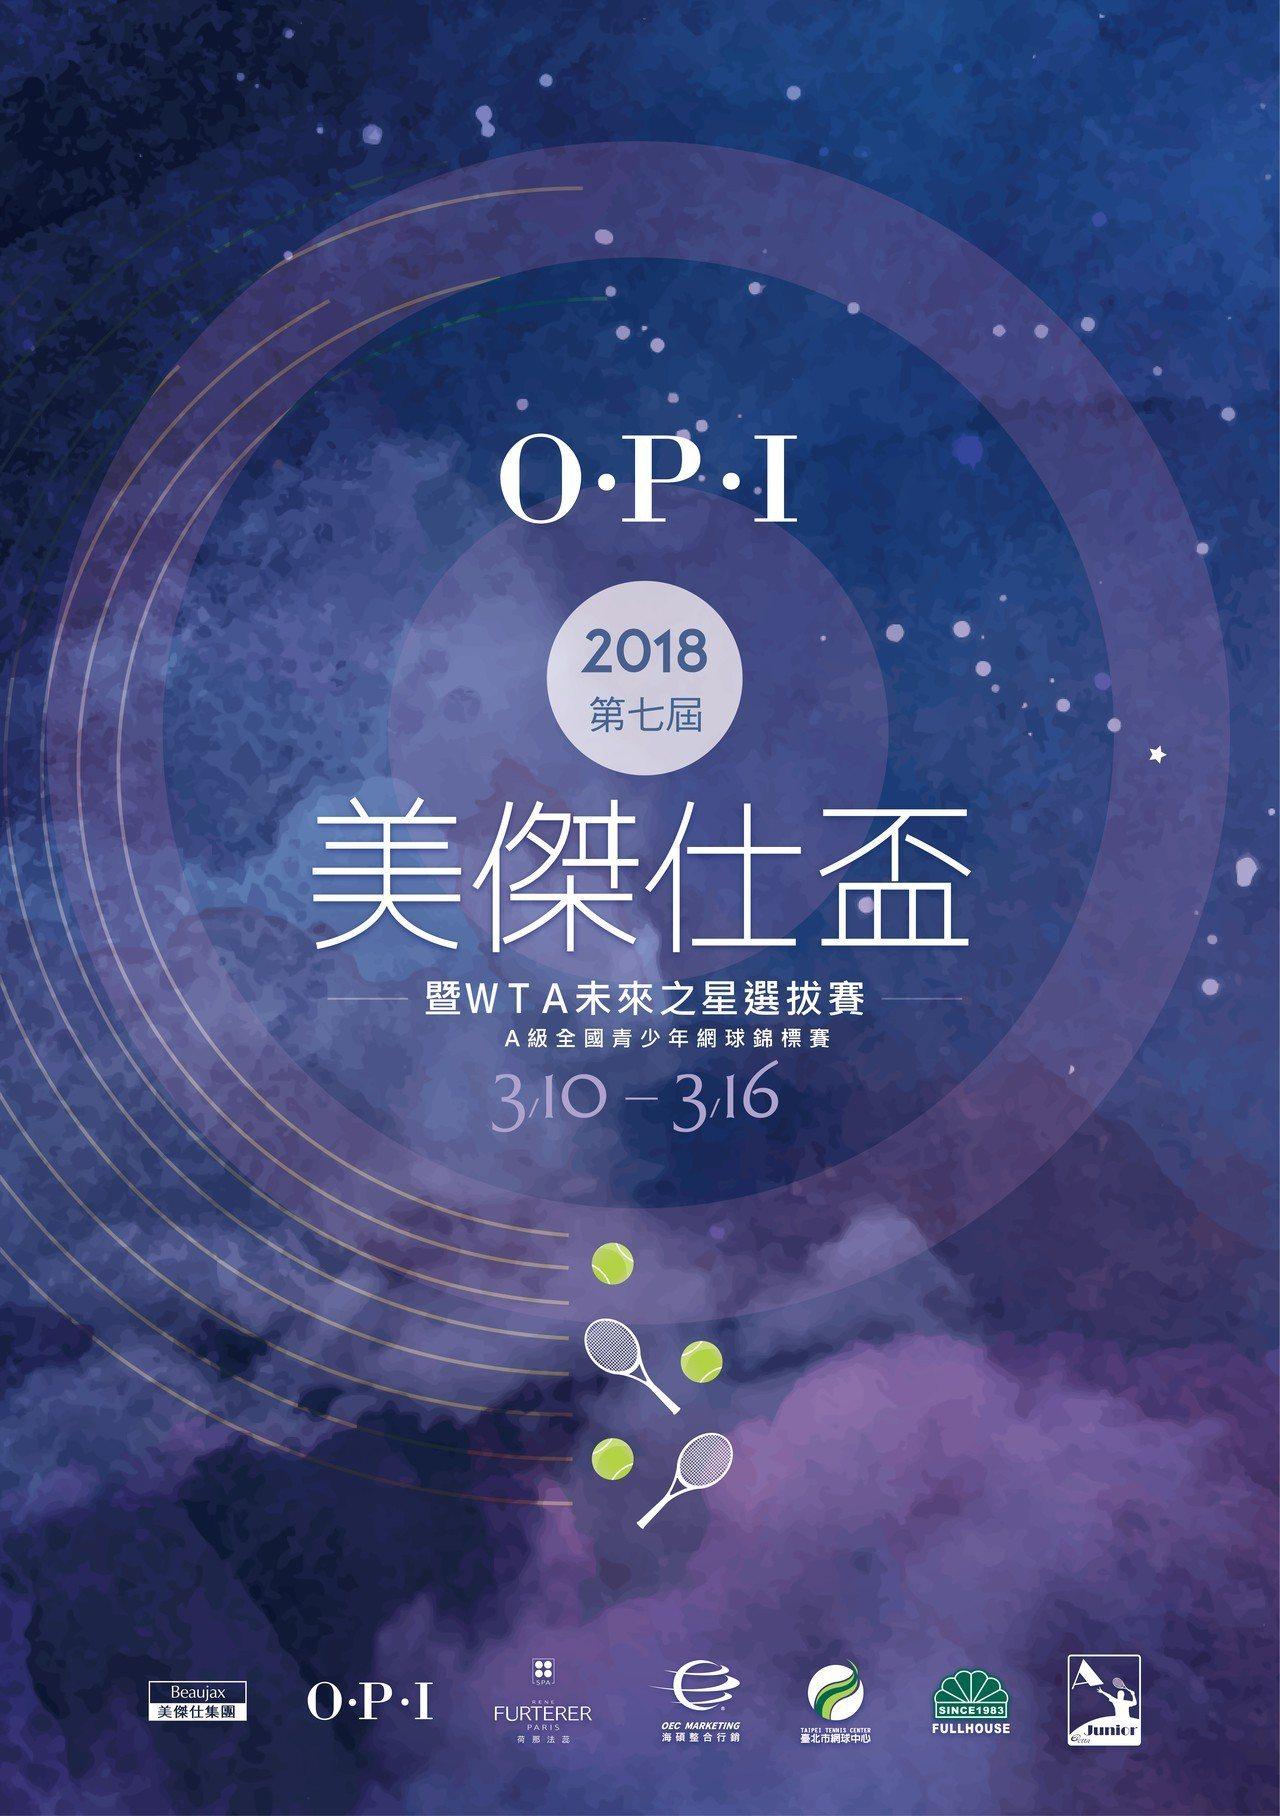 美傑仕OPI盃是全國青少年網球A級賽事,今年前進台北市網球中心。圖/海碩整合行銷...